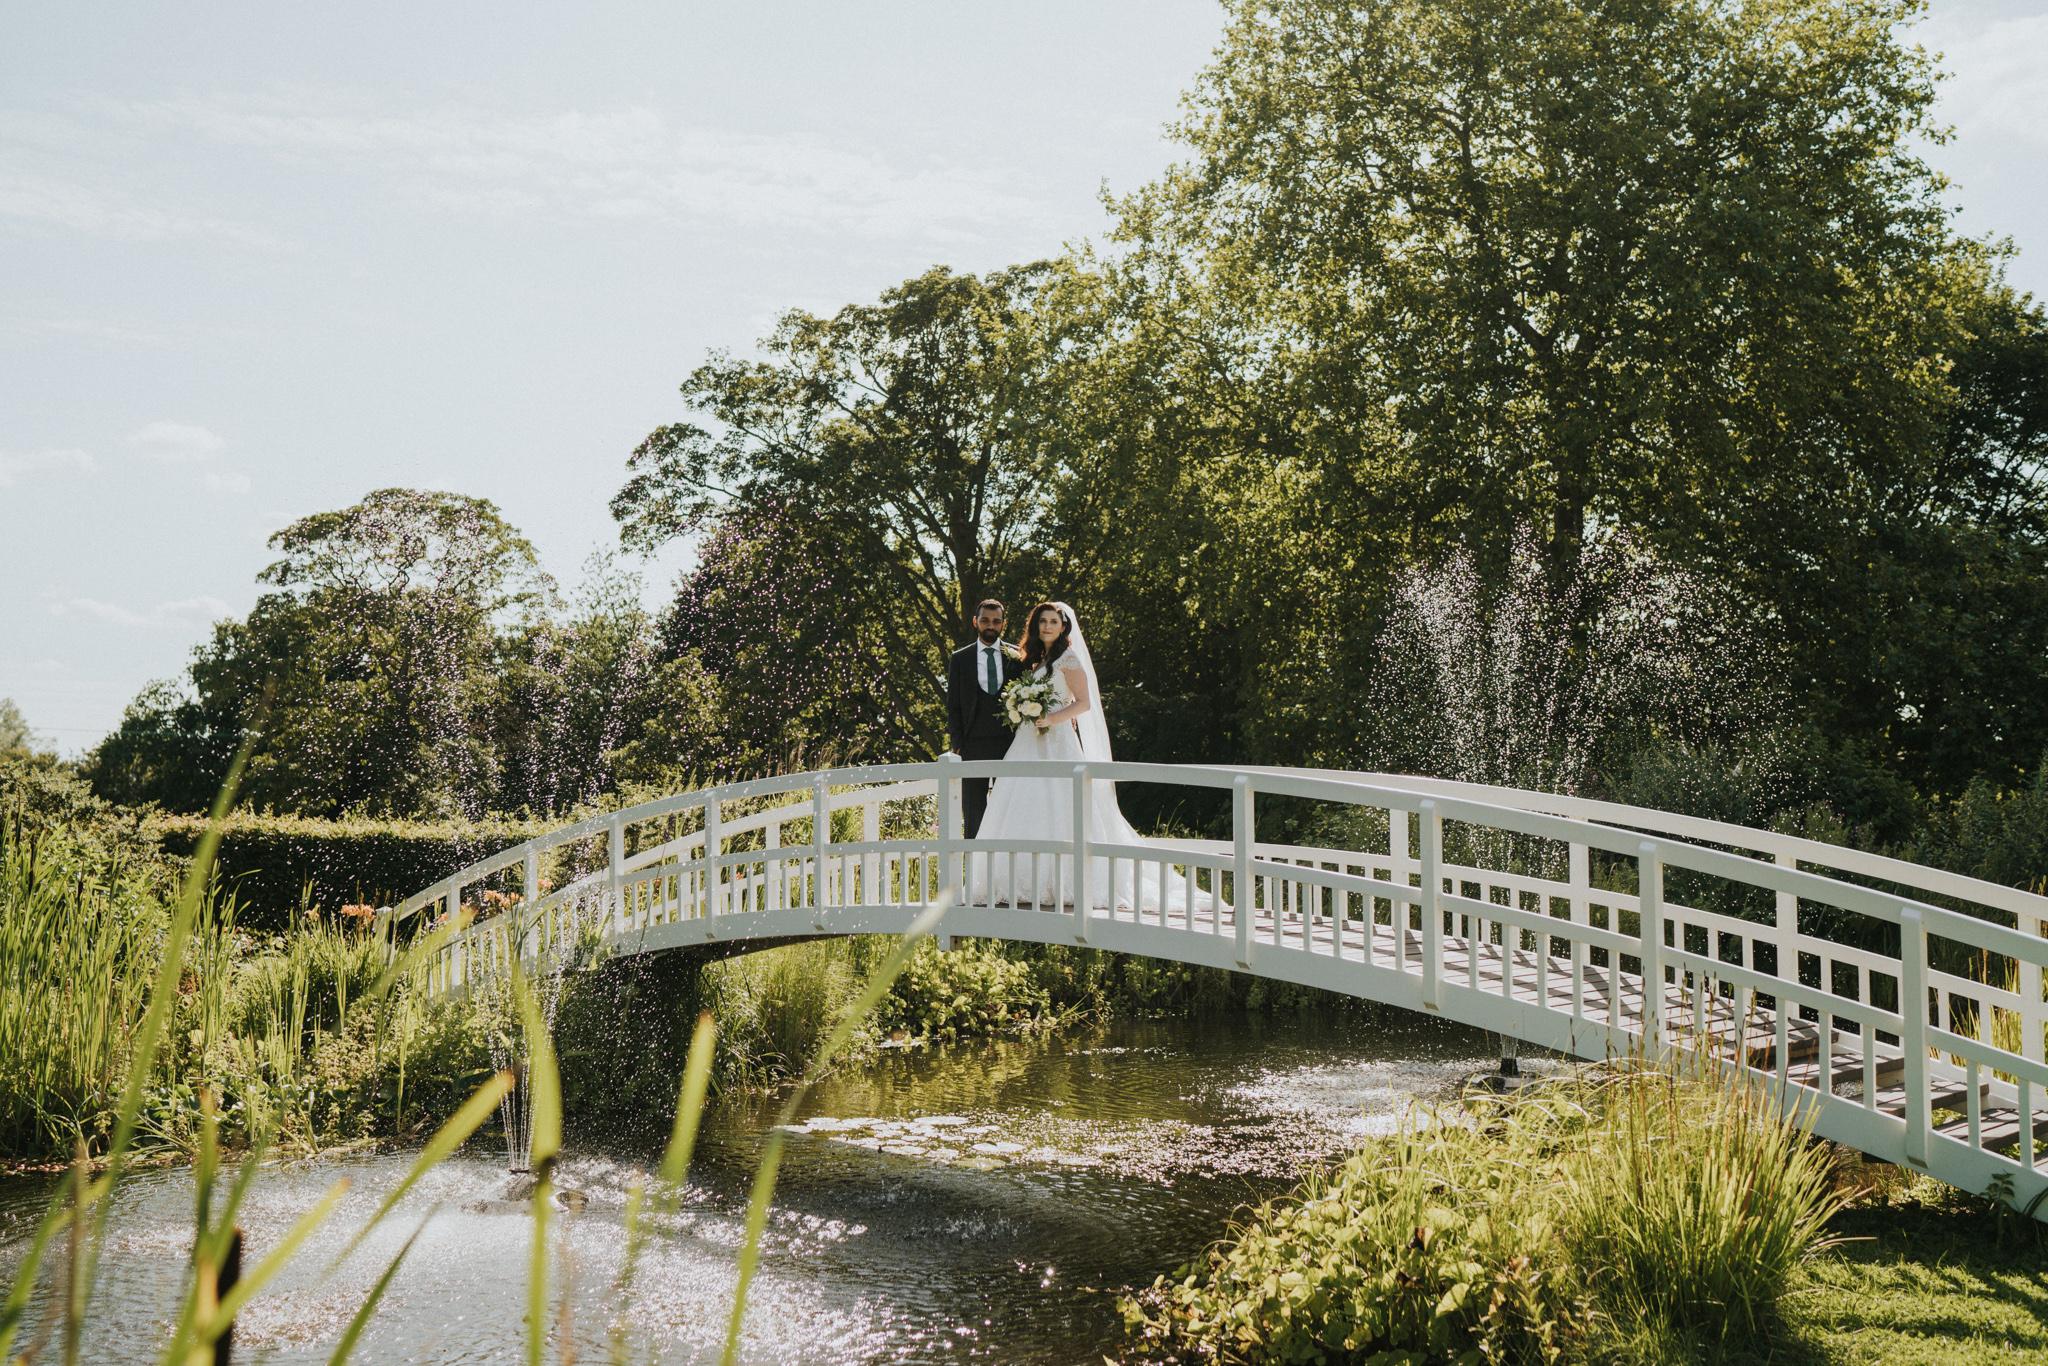 lizzie-faz-fennes-asian-fusion-wedding-grace-elizabeth-colchester-essex-alternative-wedding-lifestyle-photographer-essex-suffolk-norfolk-devon (35 of 55).jpg